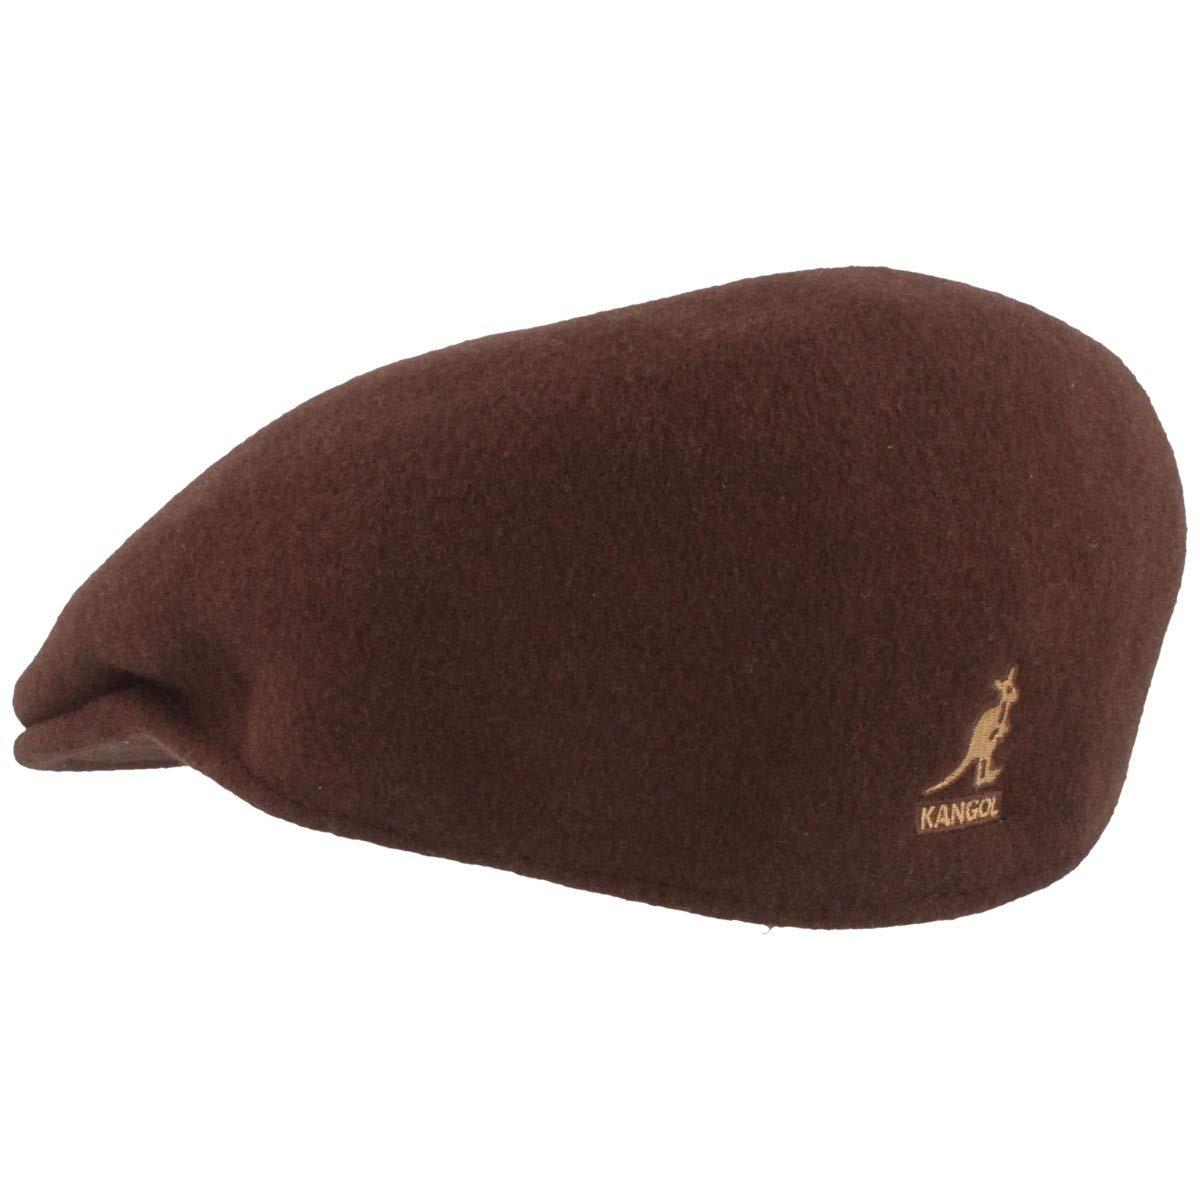 8746f9f3162fe Kangol Wool 504 - Gorra unisex  Amazon.es  Ropa y accesorios